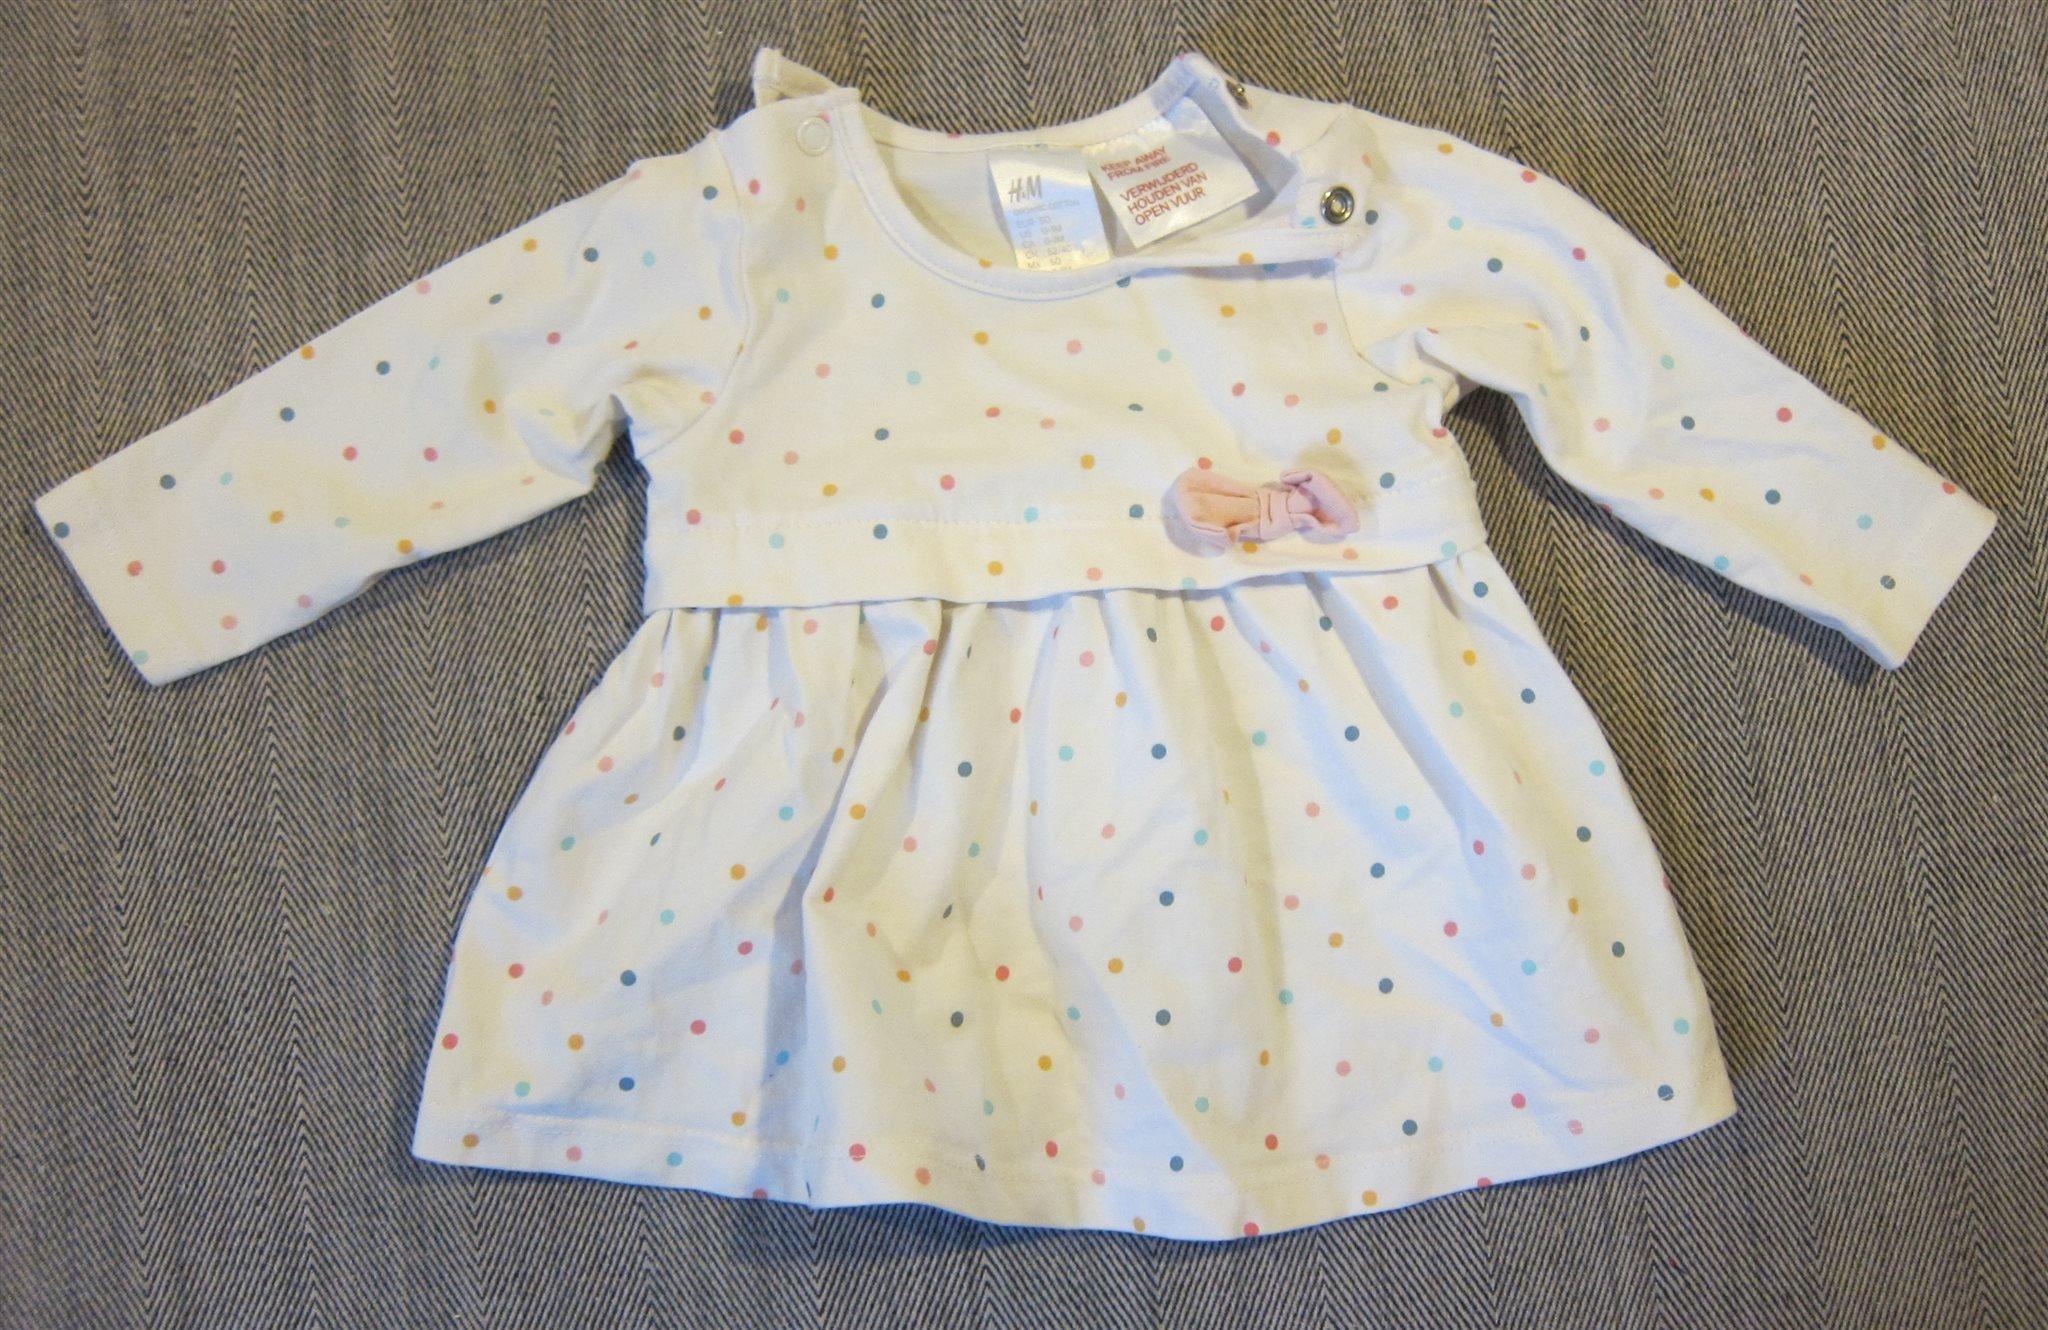 9d082d2314c8 Söt vit långärmad klänning med prickar i olika .. (346066111) ᐈ Köp ...